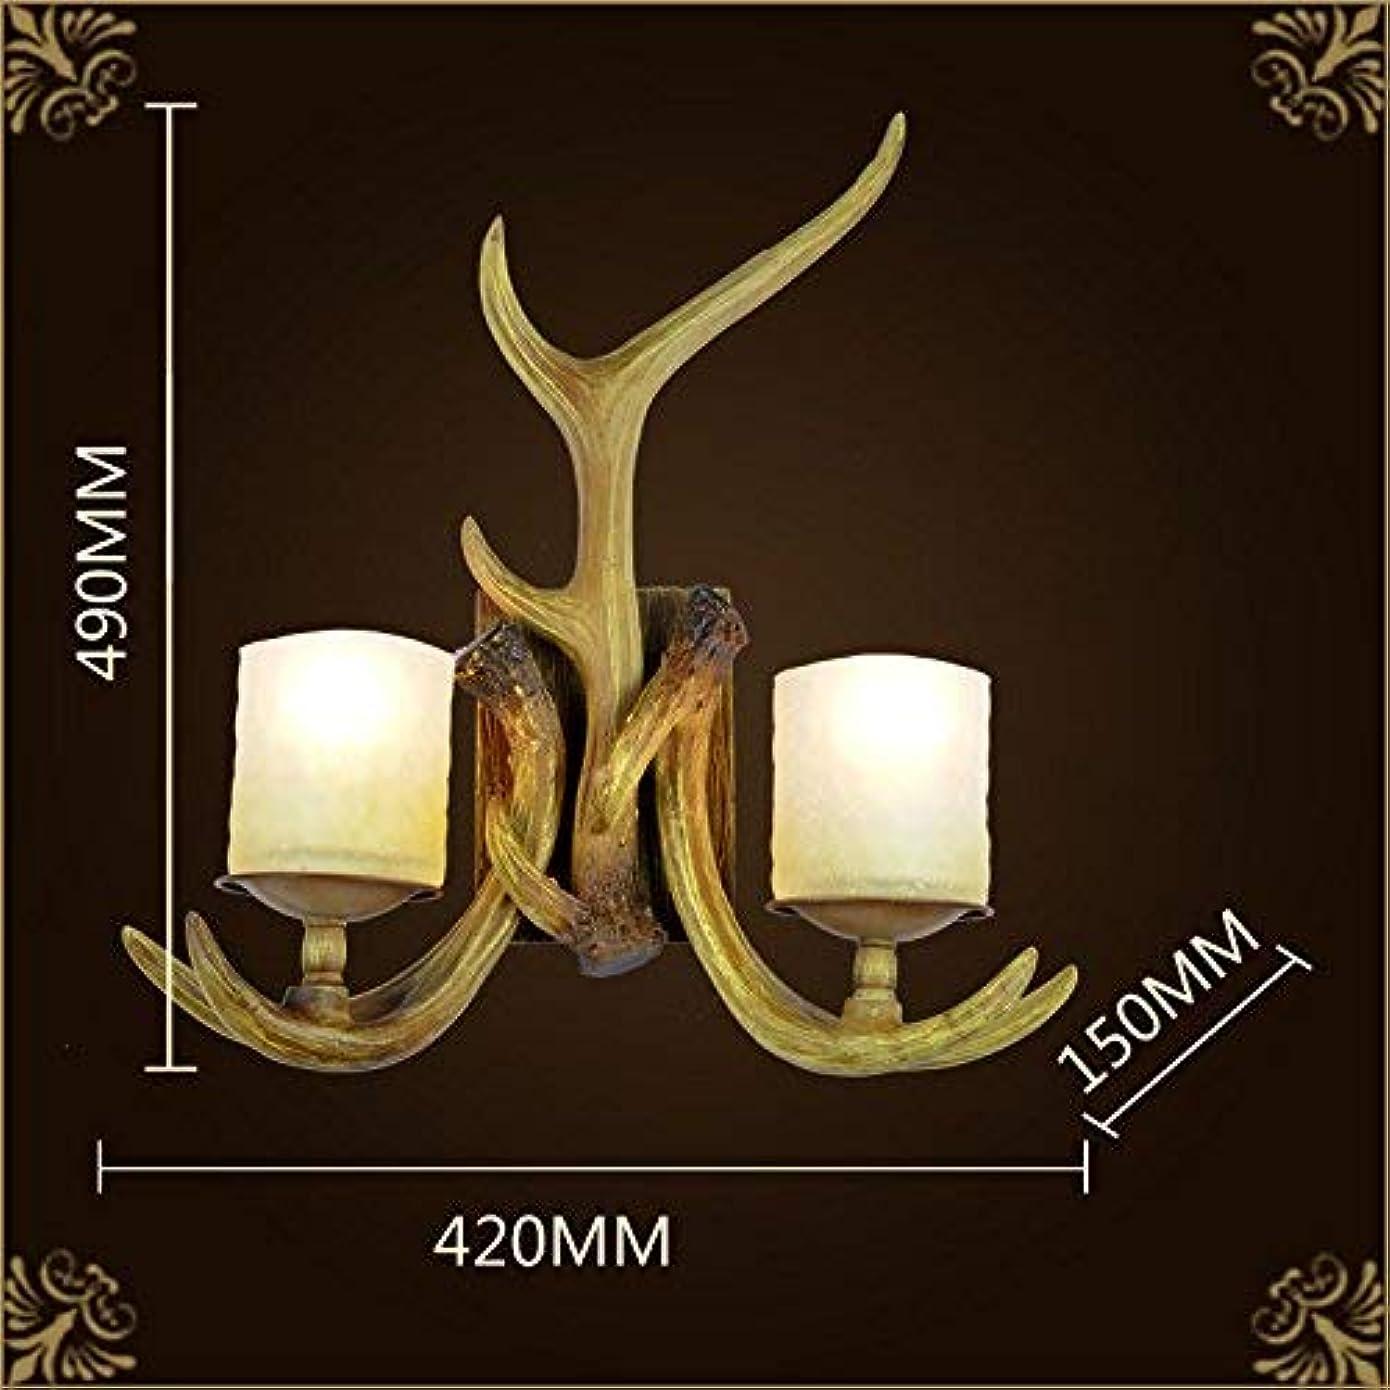 受付部族はげ壁面ライト, 居間のための樹脂の壁の燭台木製のタイプ燭台の壁ランプのレストランの廊下のための照明設備、タイプB AI LI WEI (Color : Type a)